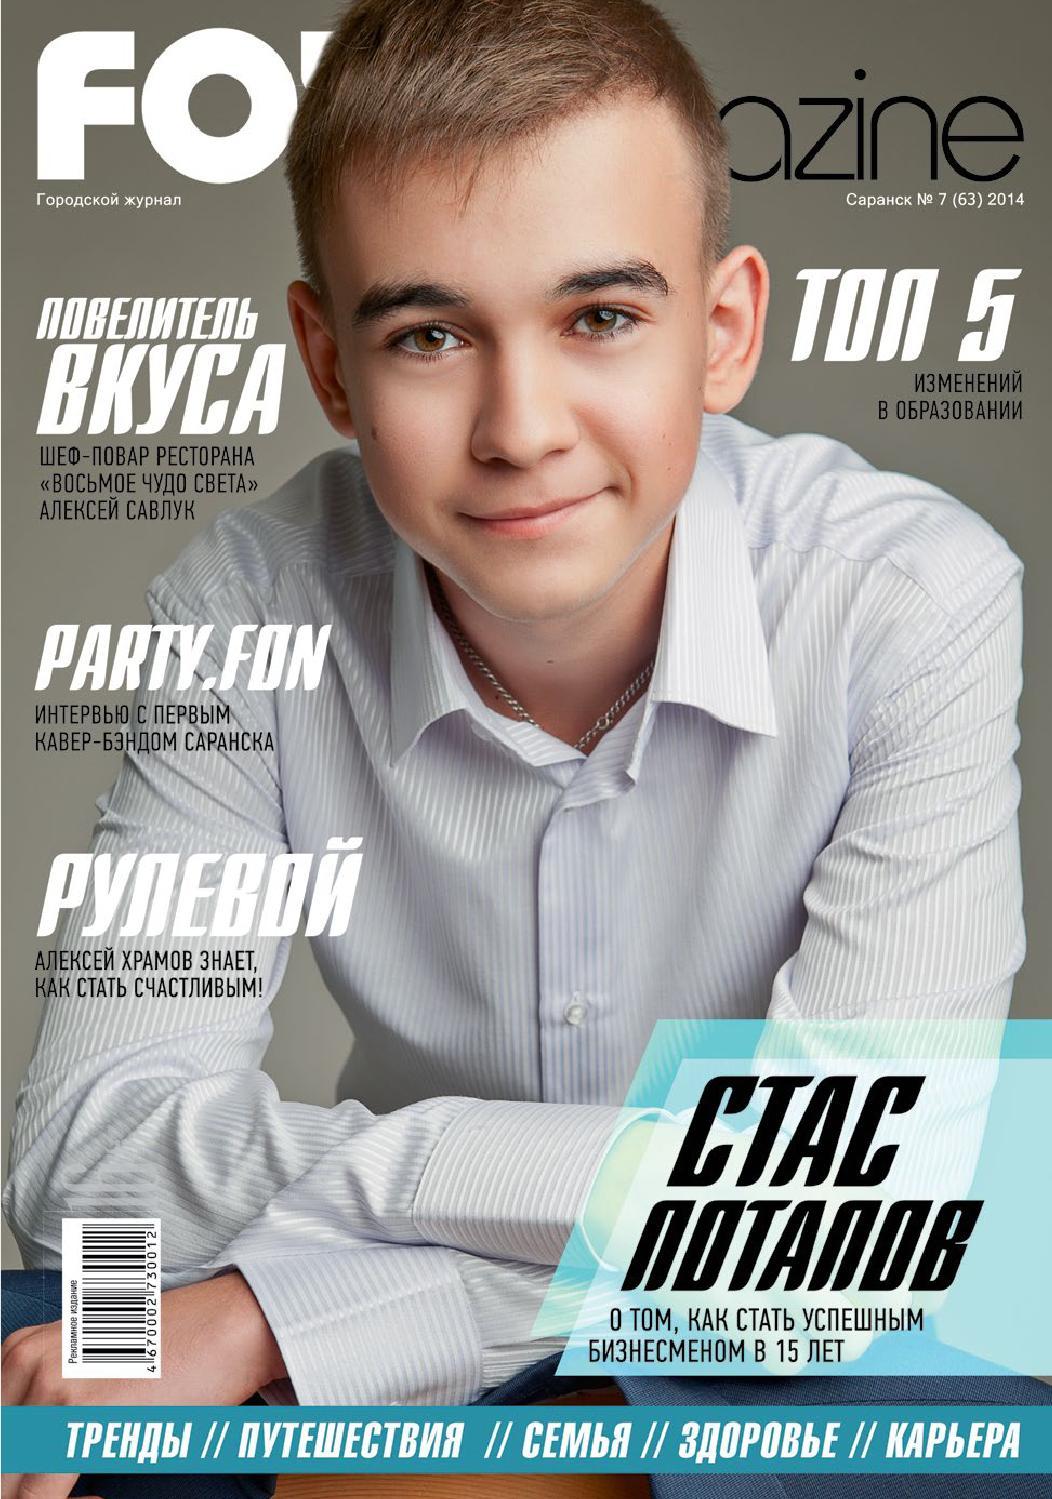 Лечение заикания: как от него избавиться, Журнал Cosmopolitan 108